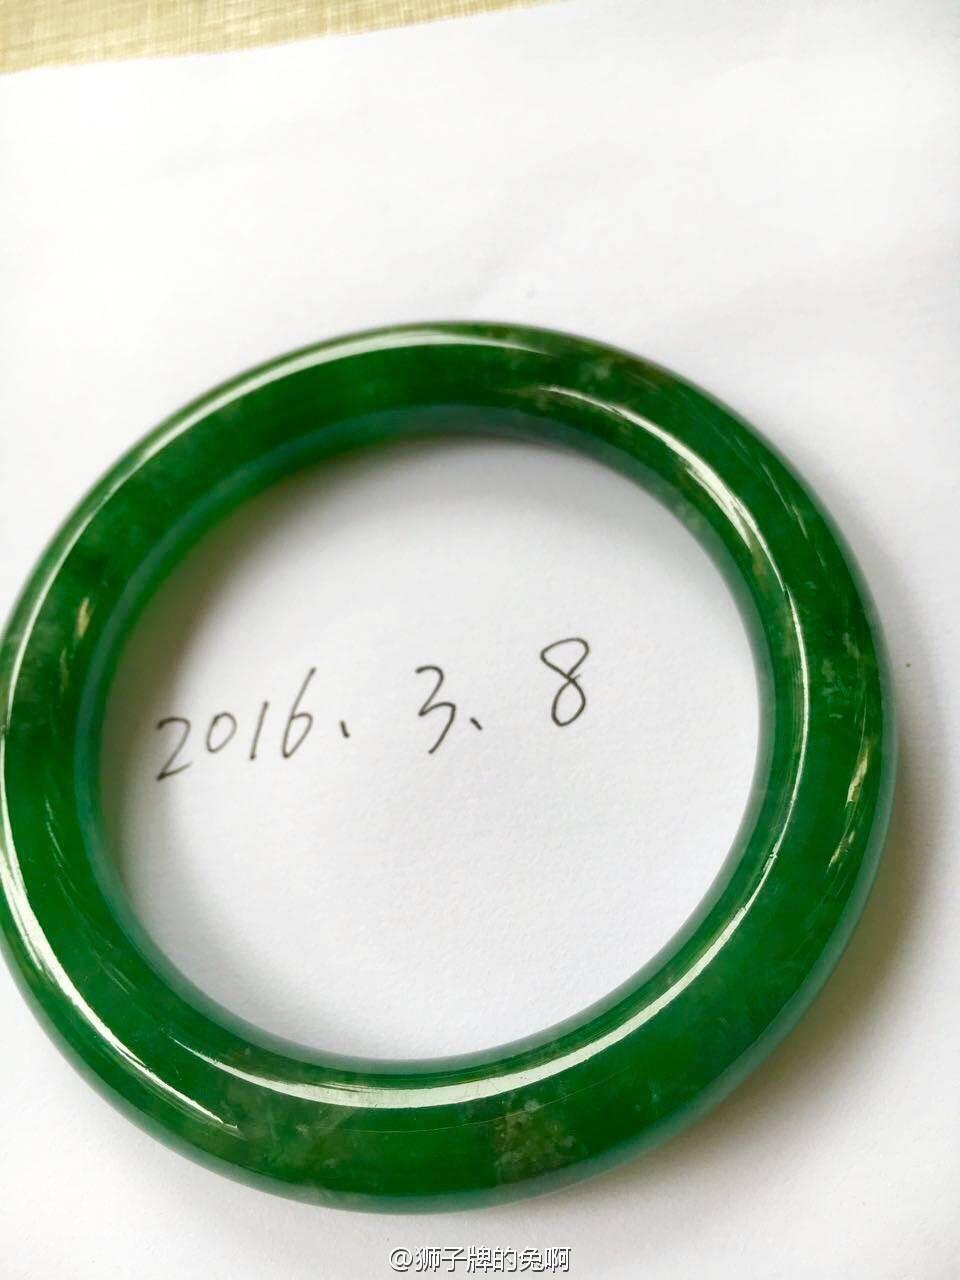 老坑冰种 水润起光 整圈满阳翠辣绿 正装圆条翡翠手镯 底价出